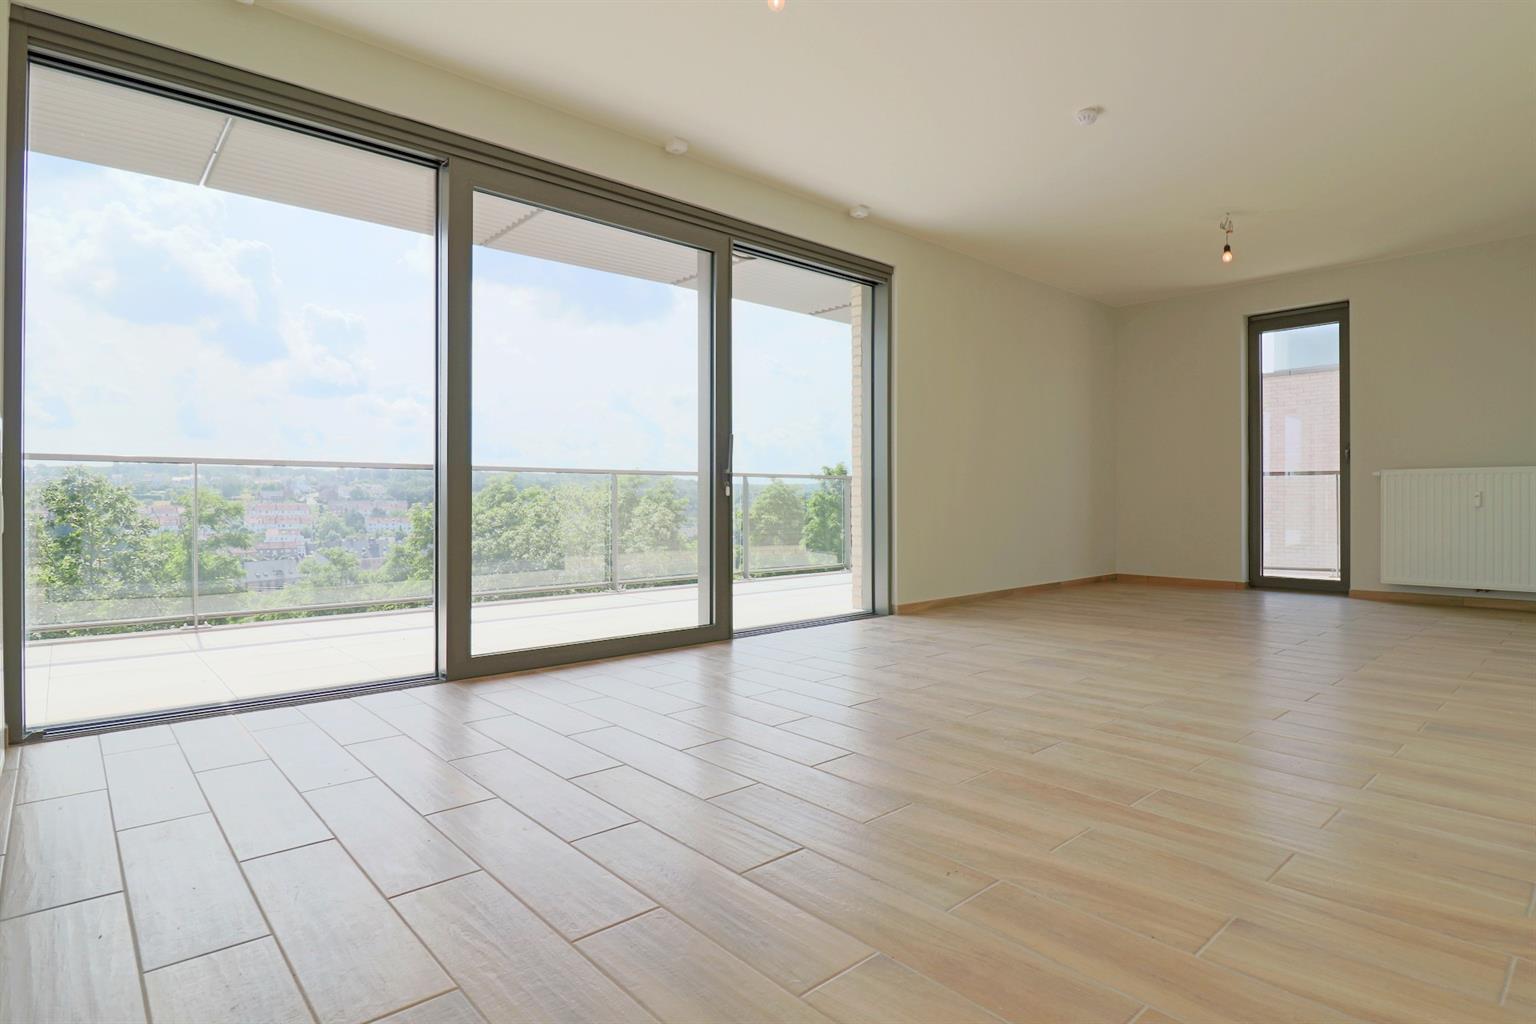 Appartement - Ottignies-Louvain-la-Neuve - #4406877-1